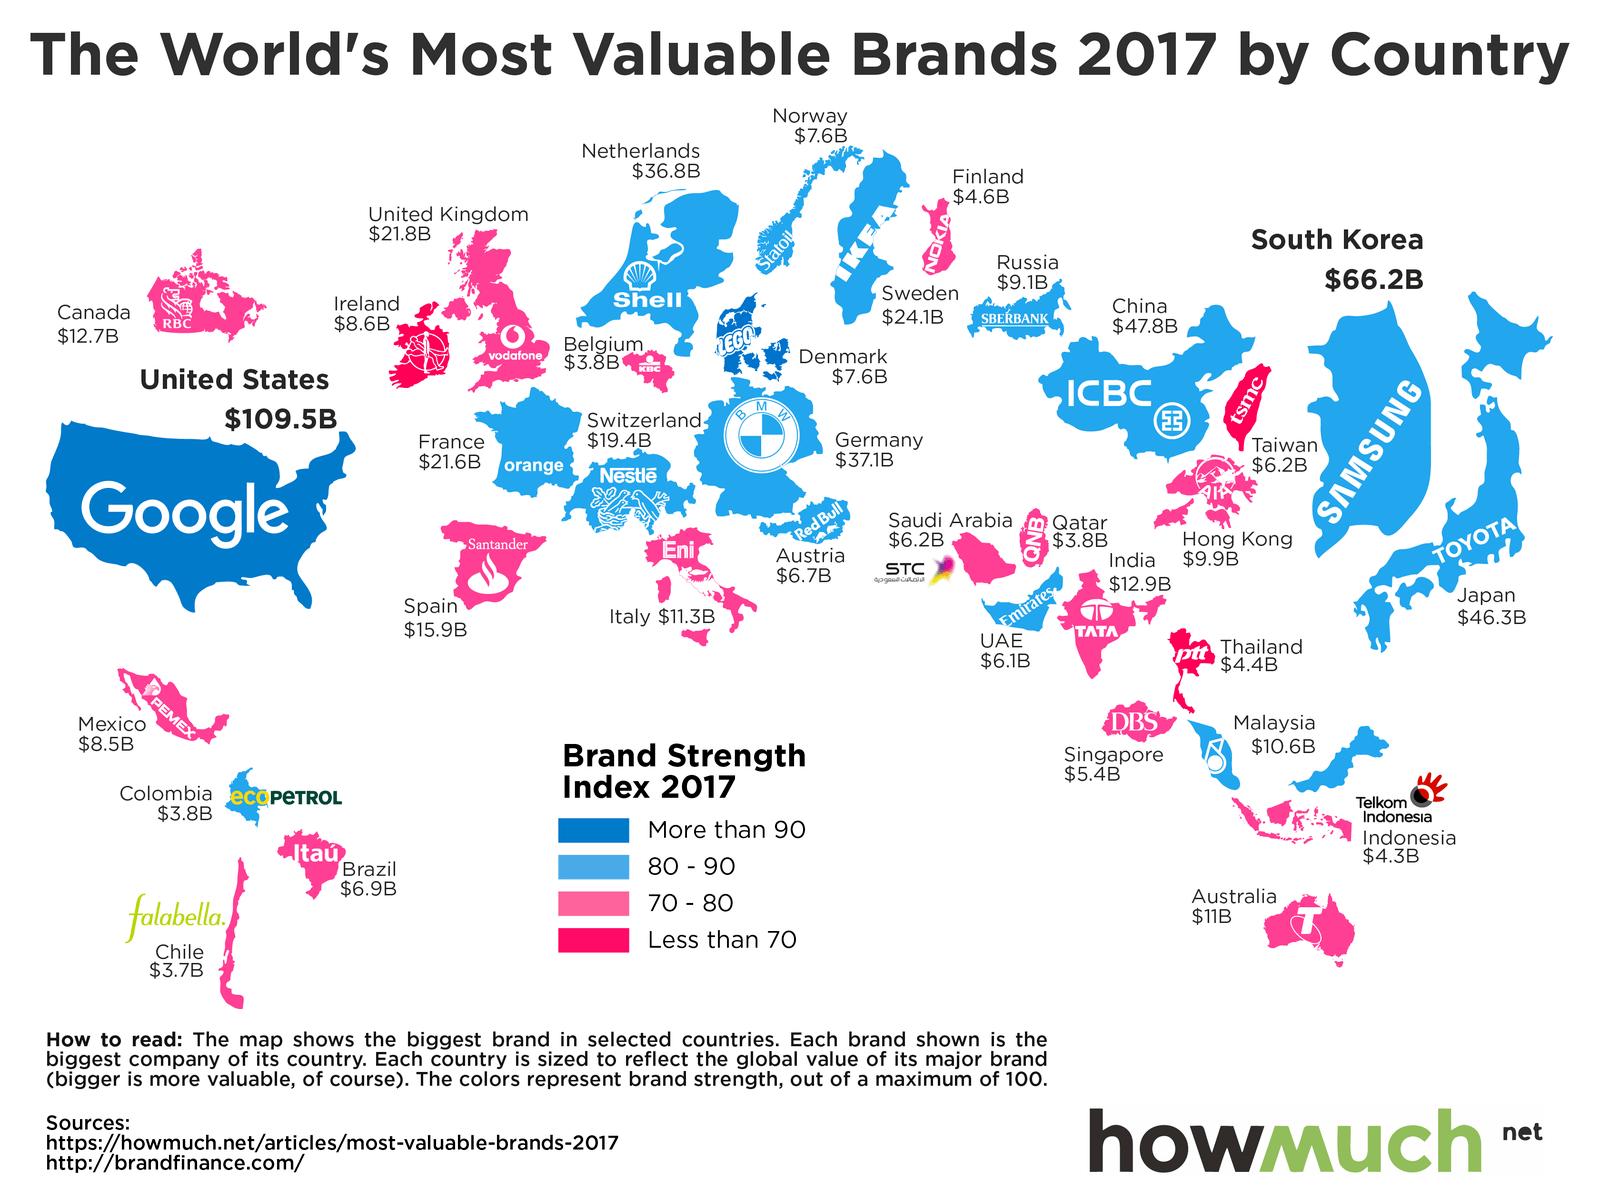 ԻՆՖՈԳՐԱՖԻԿԱ. Աշխարհի ամենաթանկ բրենդներն՝ ըստ երկրների